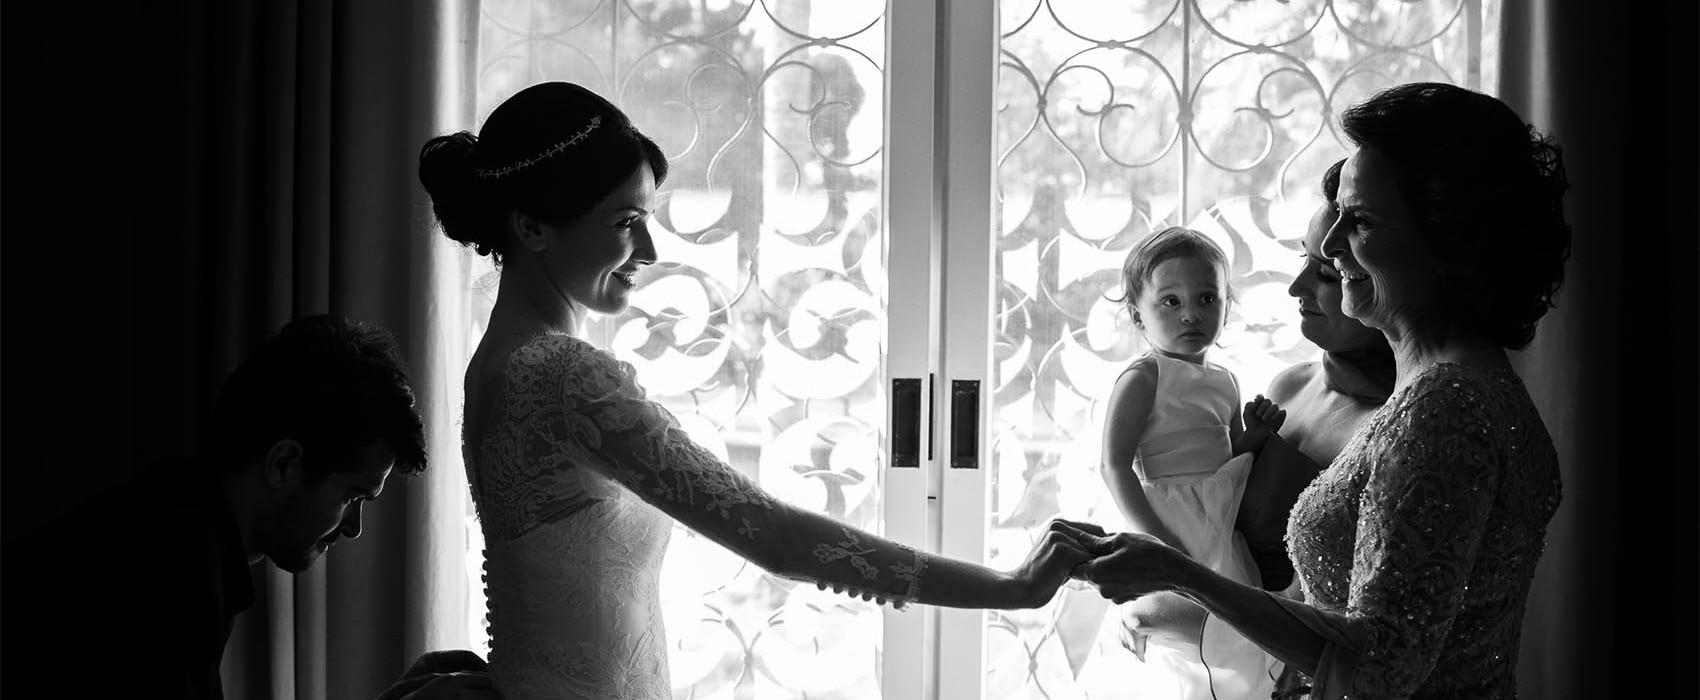 foto de casamento premiada pela ispwp na categoria making of por renato dpaula